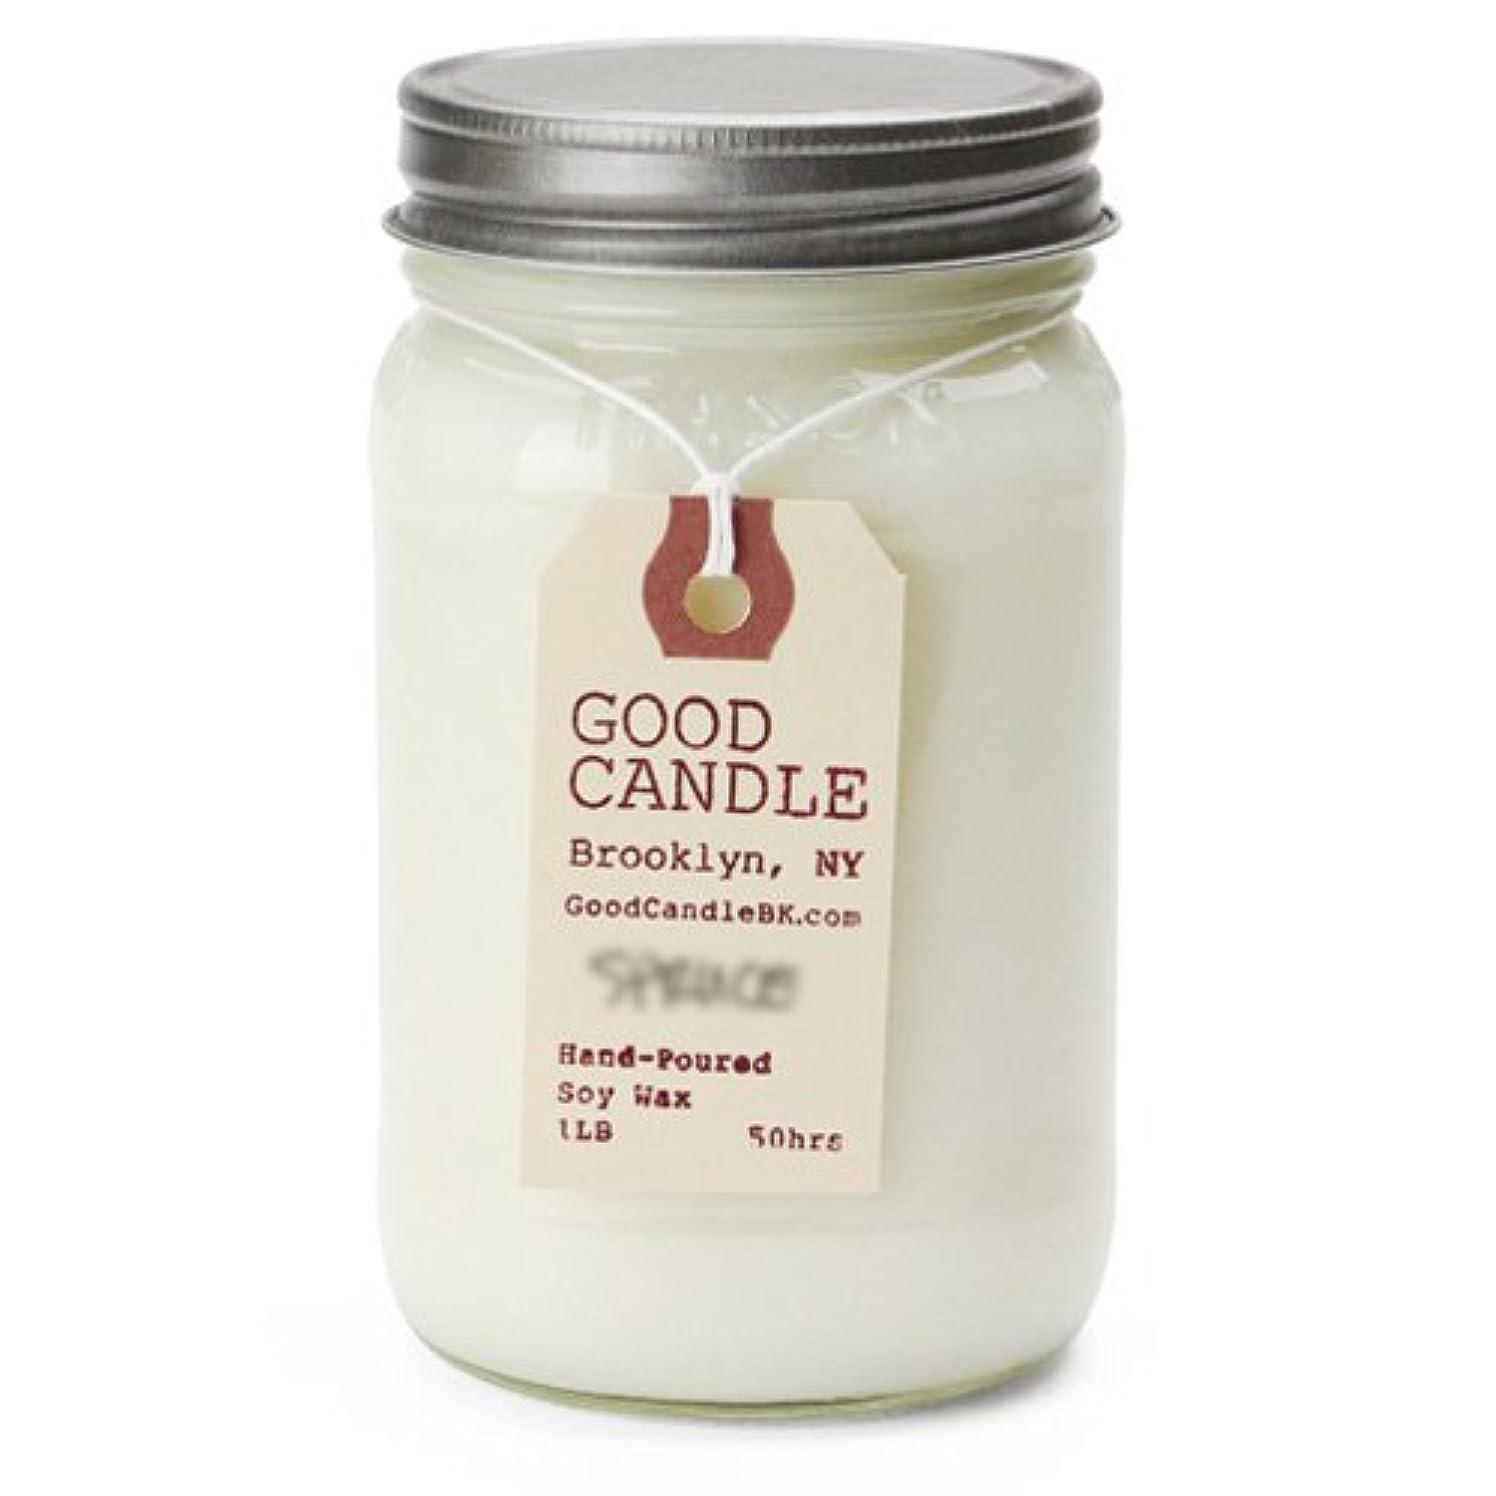 愛国的な子供っぽいリビジョングッドキャンドル 1ポンド メイソンジャー キャンドル Good Candle 1LB Mason jar candle [ Basil ] 正規品